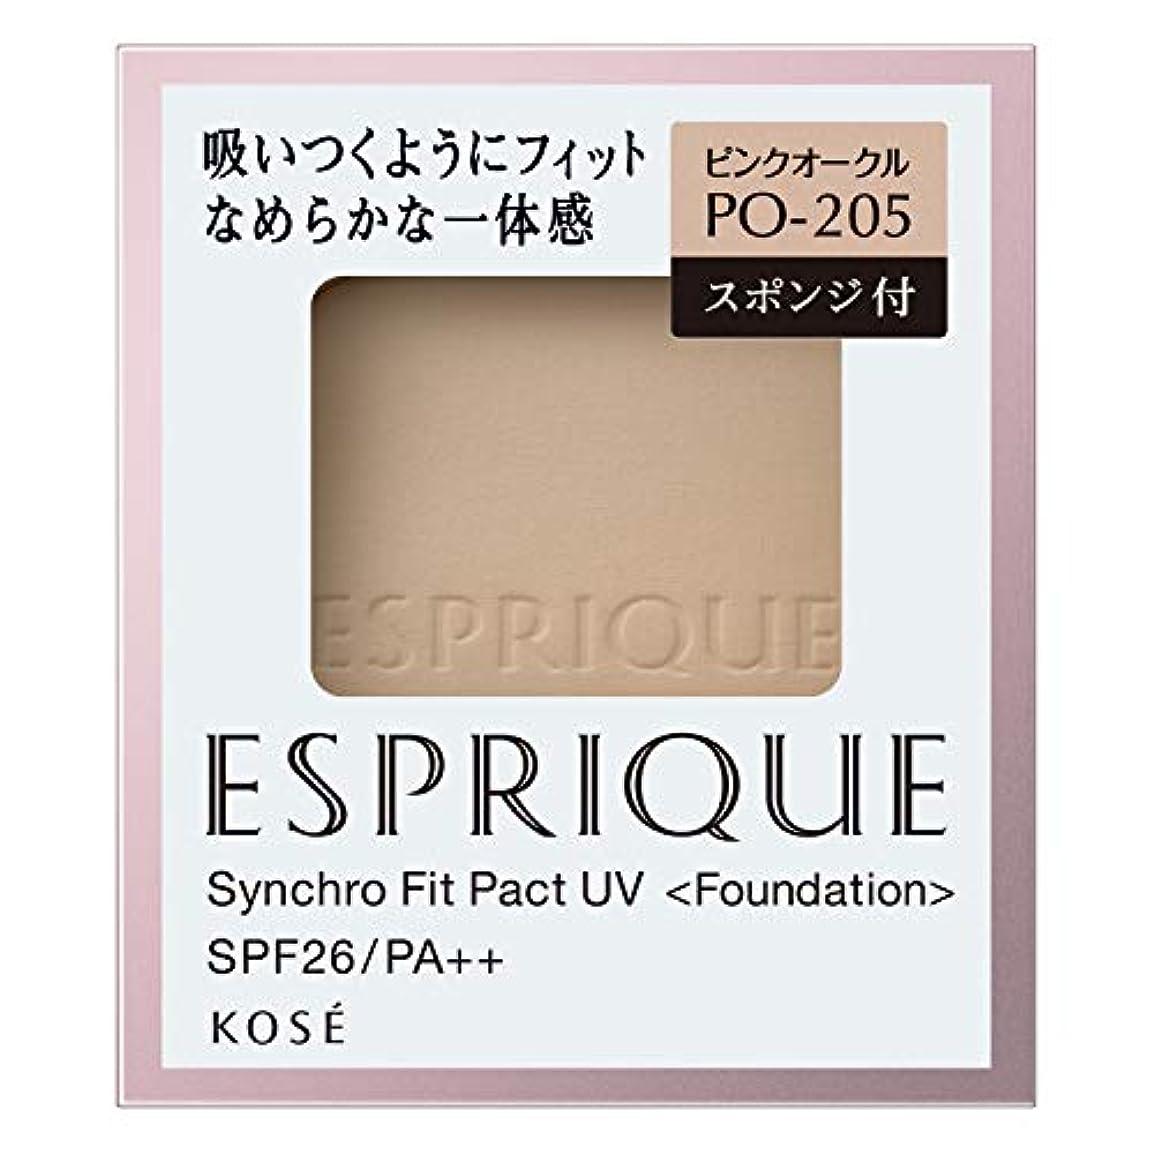 バースどっち根絶するエスプリーク シンクロフィット パクト UV PO-205 ピンクオークル 9.3g